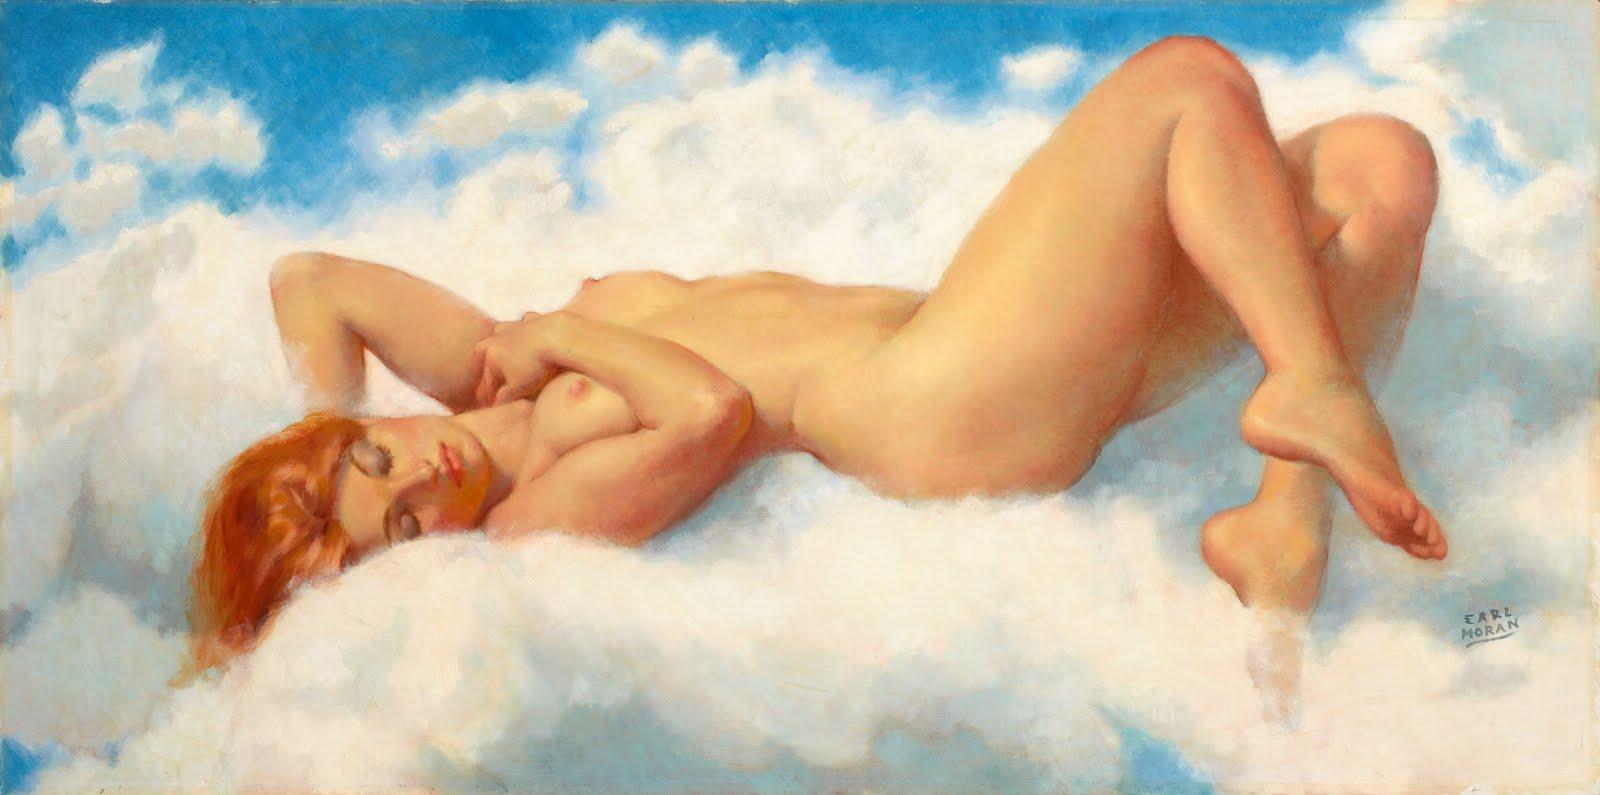 Ретро рисунки голых женщин, Старые, классические, ретро эротические фотографии 2 фотография